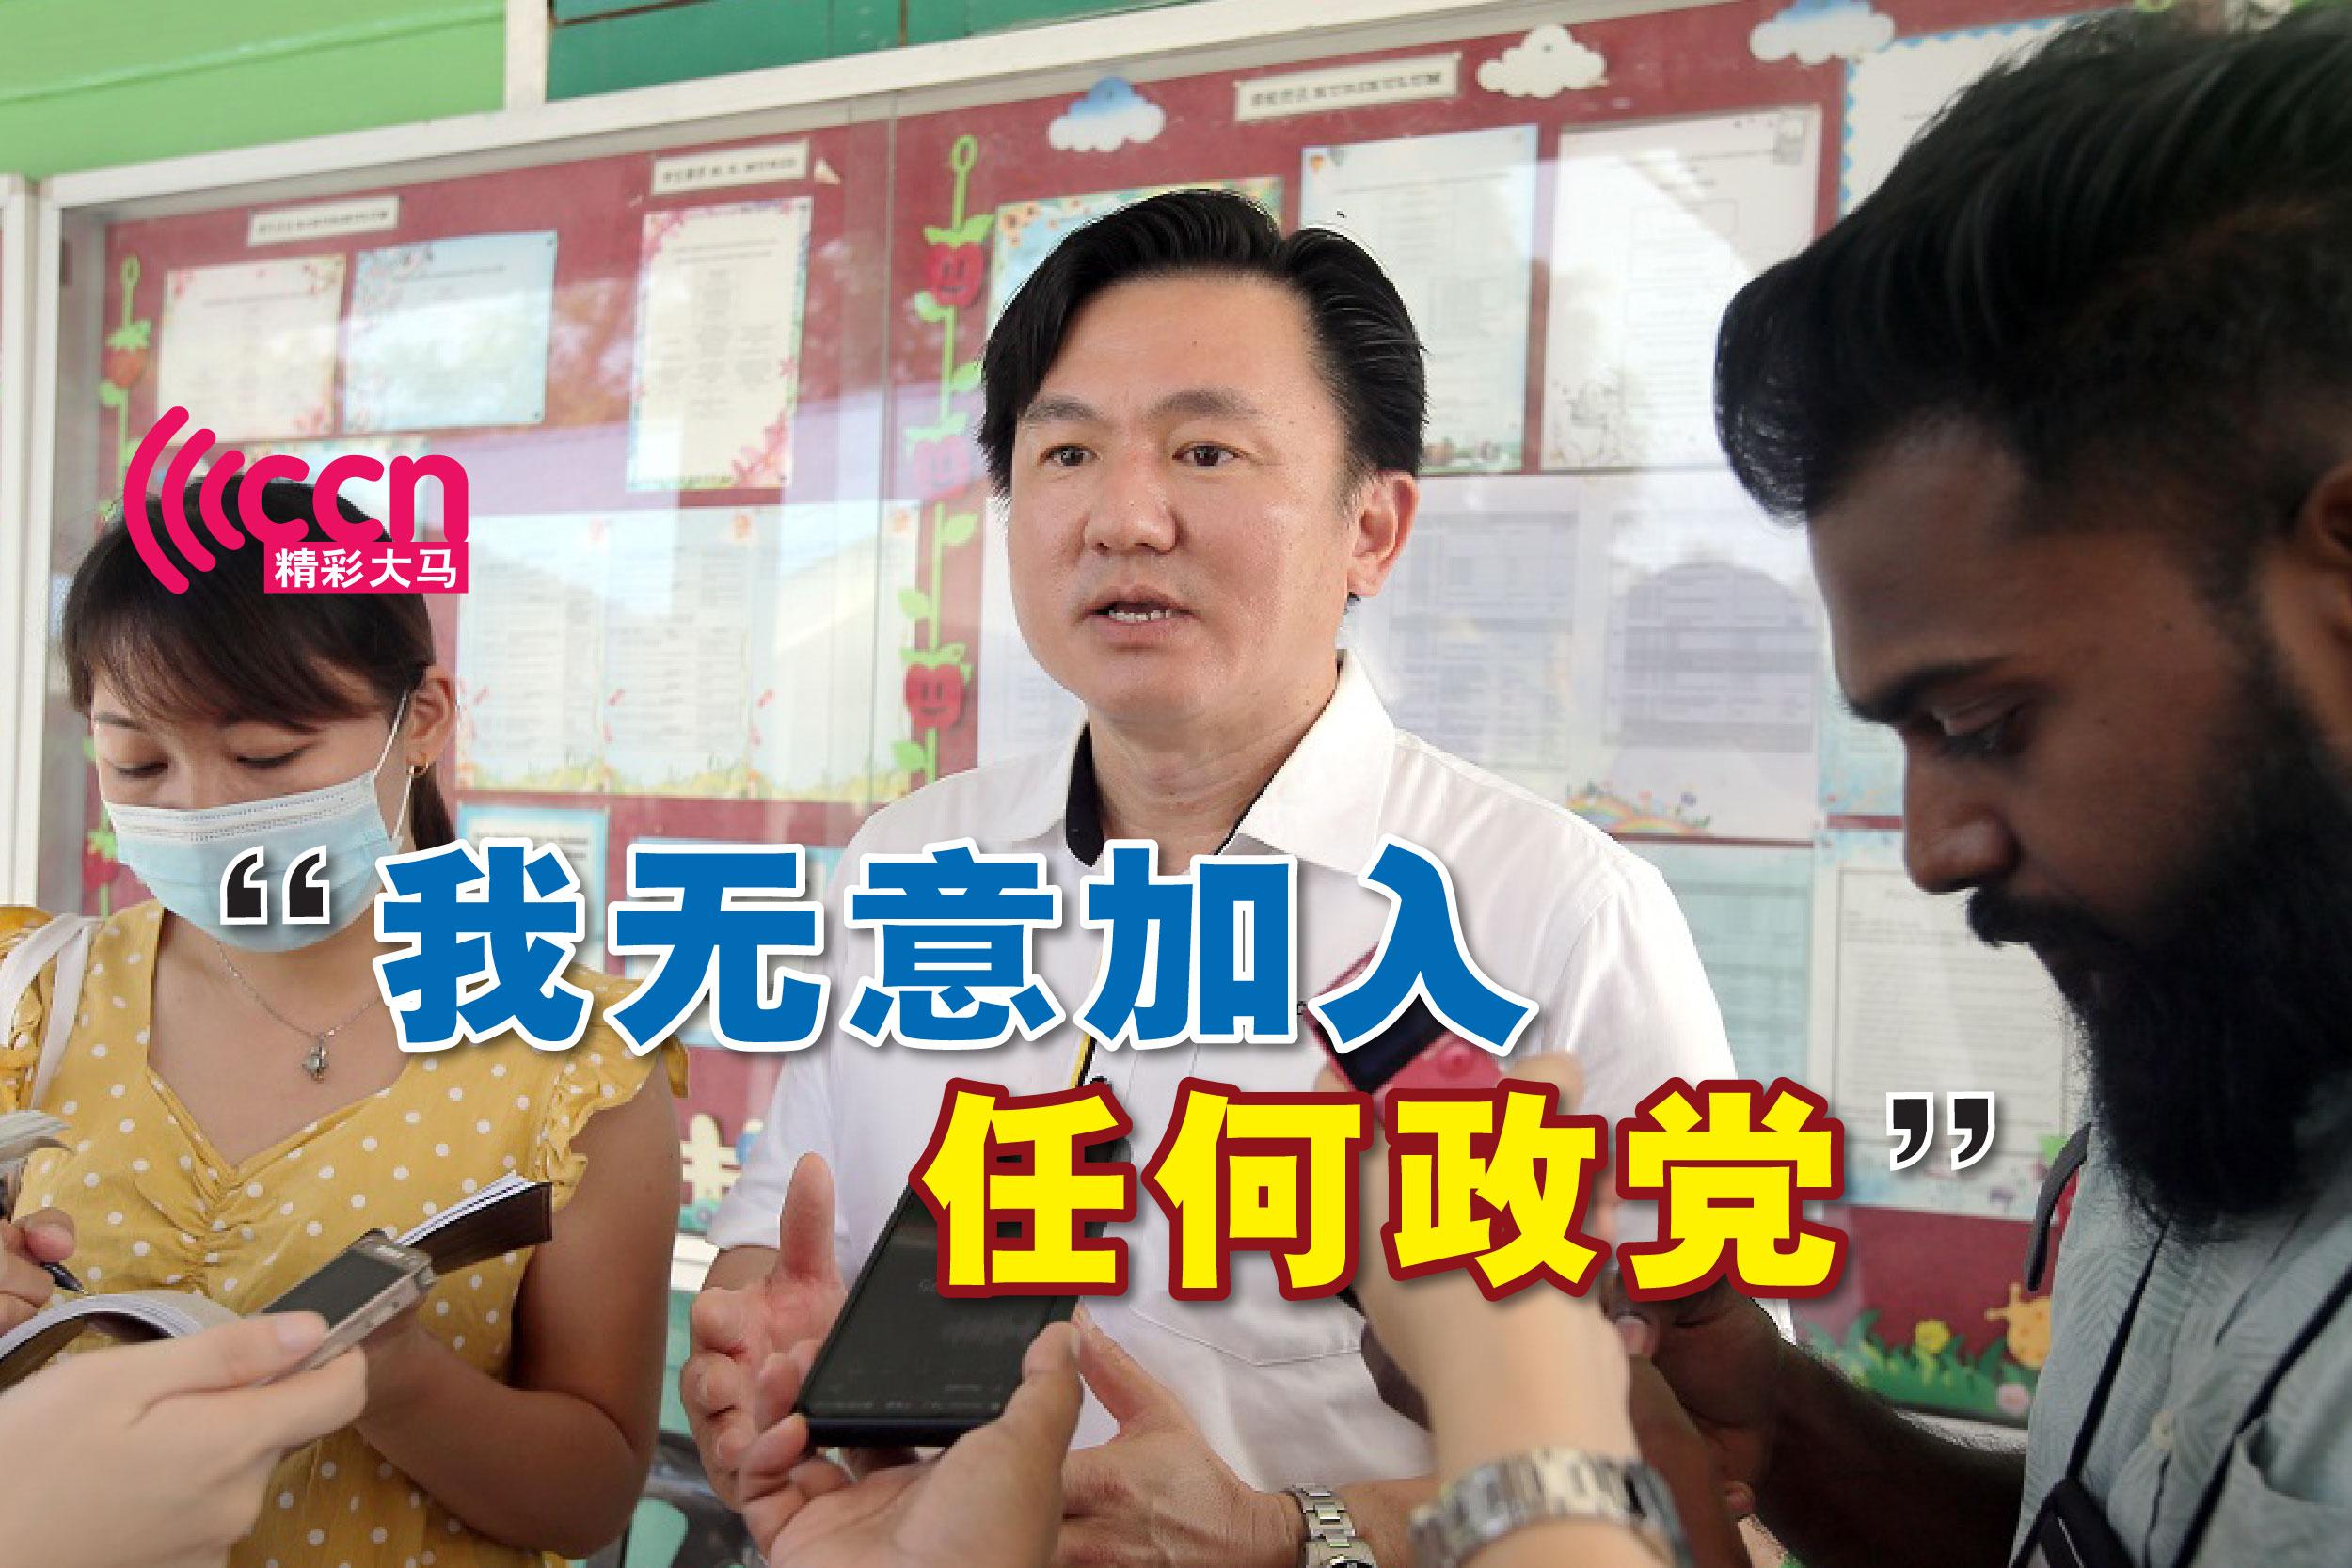 杨祖强说,尽管受到邀约,但他无意加入任何政党。-Farhan Najib摄,精彩大马制图-